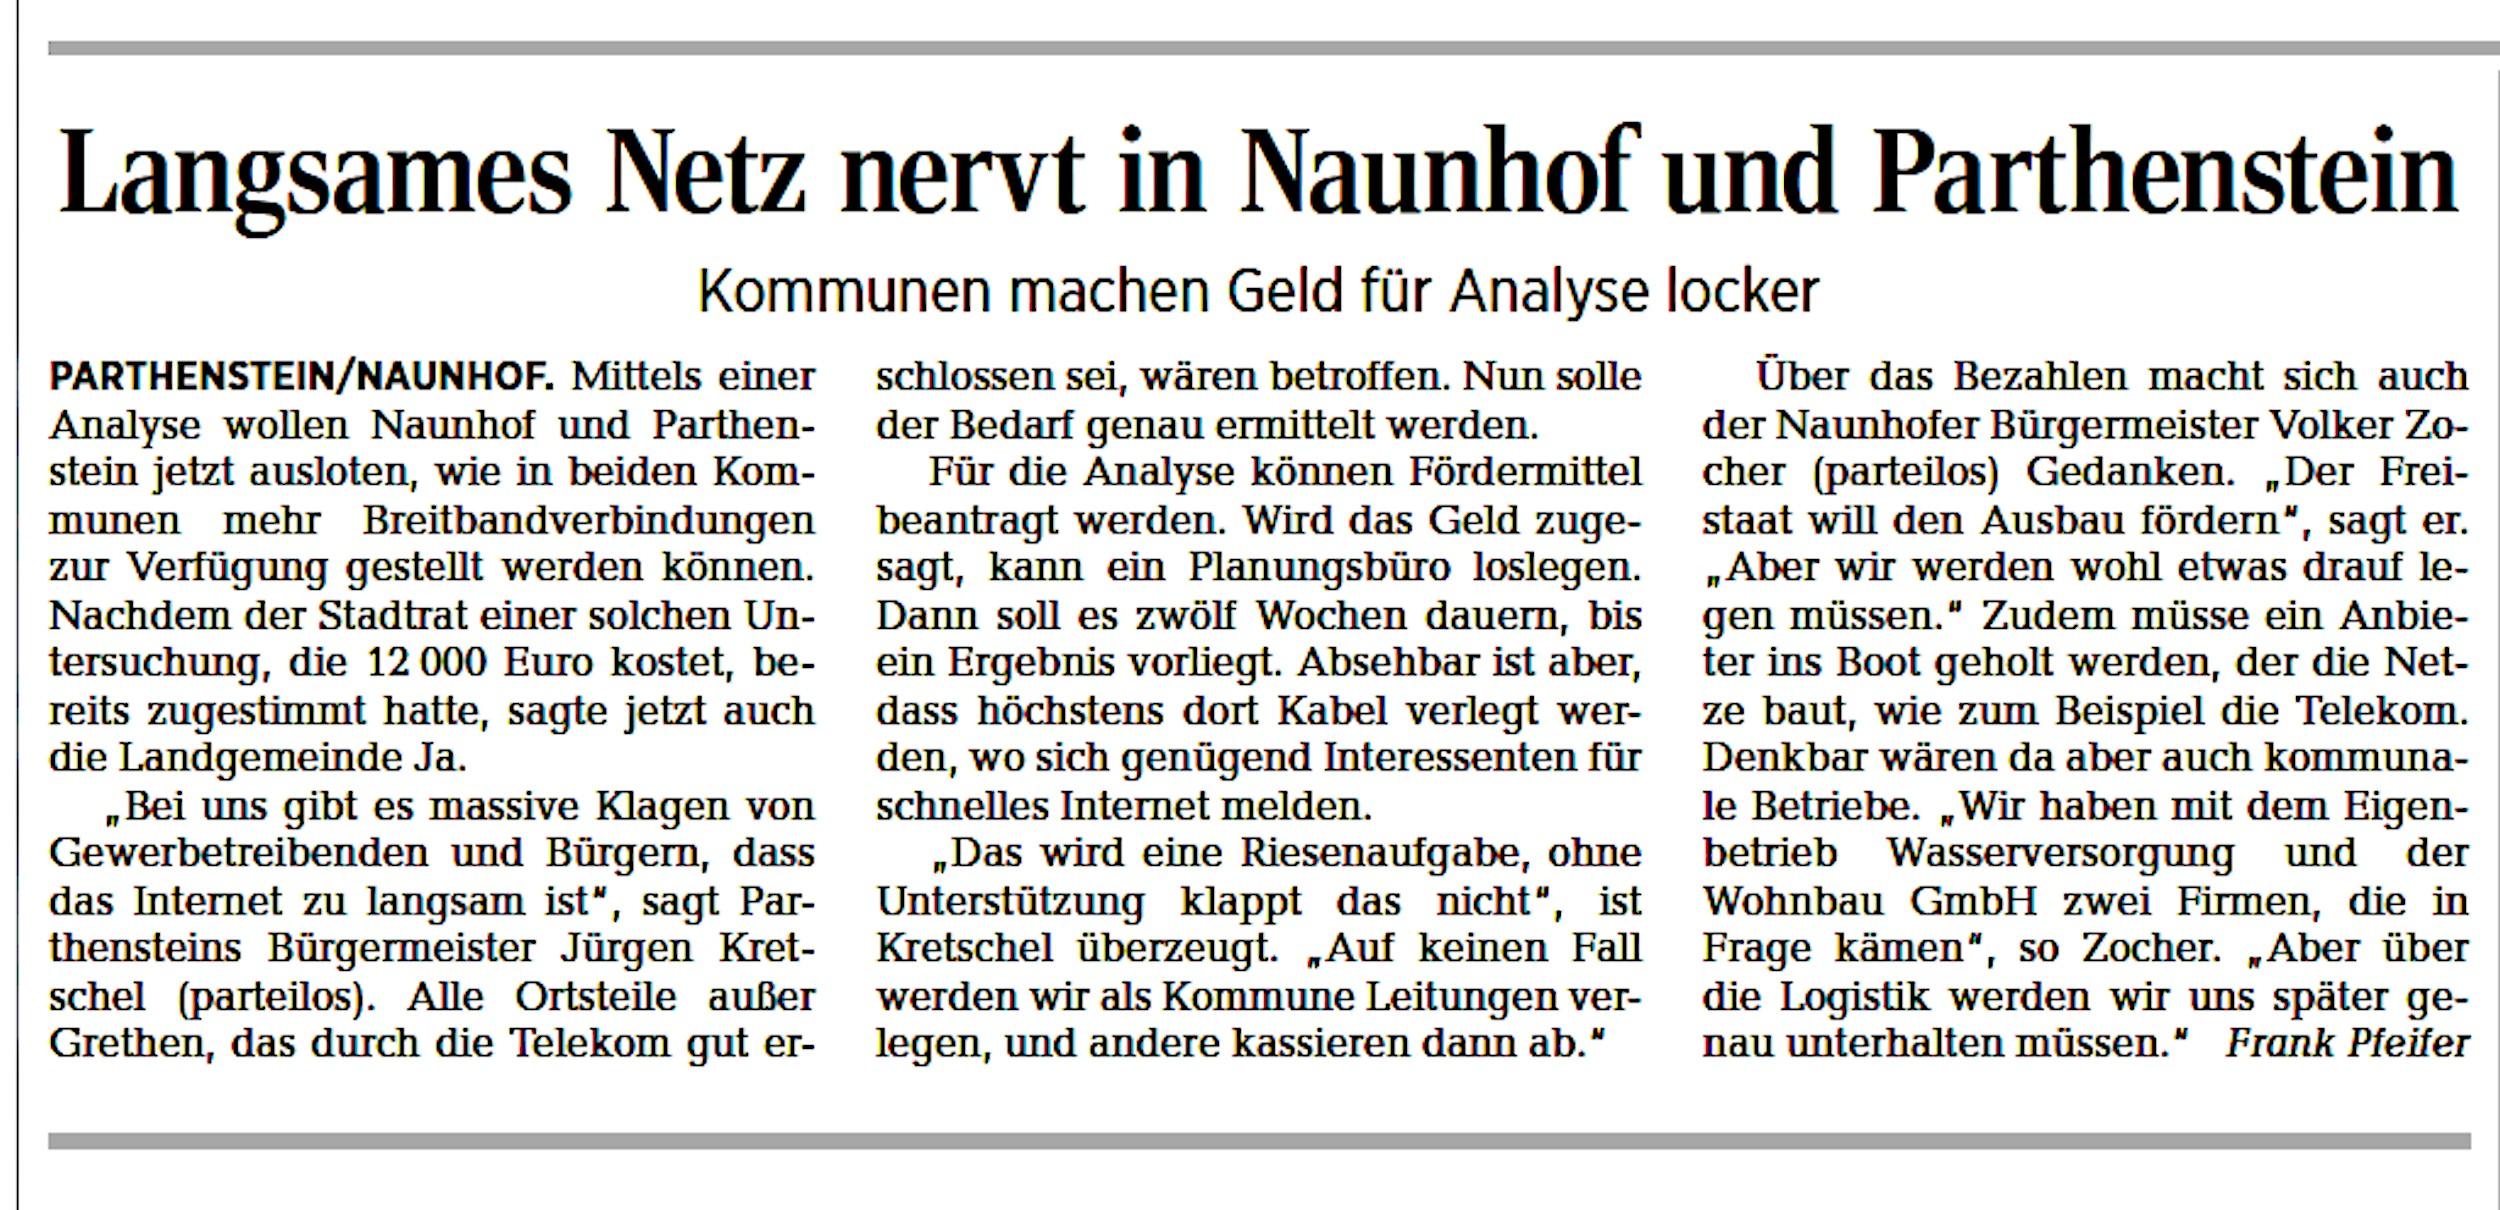 Artikel der LVZ Muldentalzeitung von Frank Pfeifer